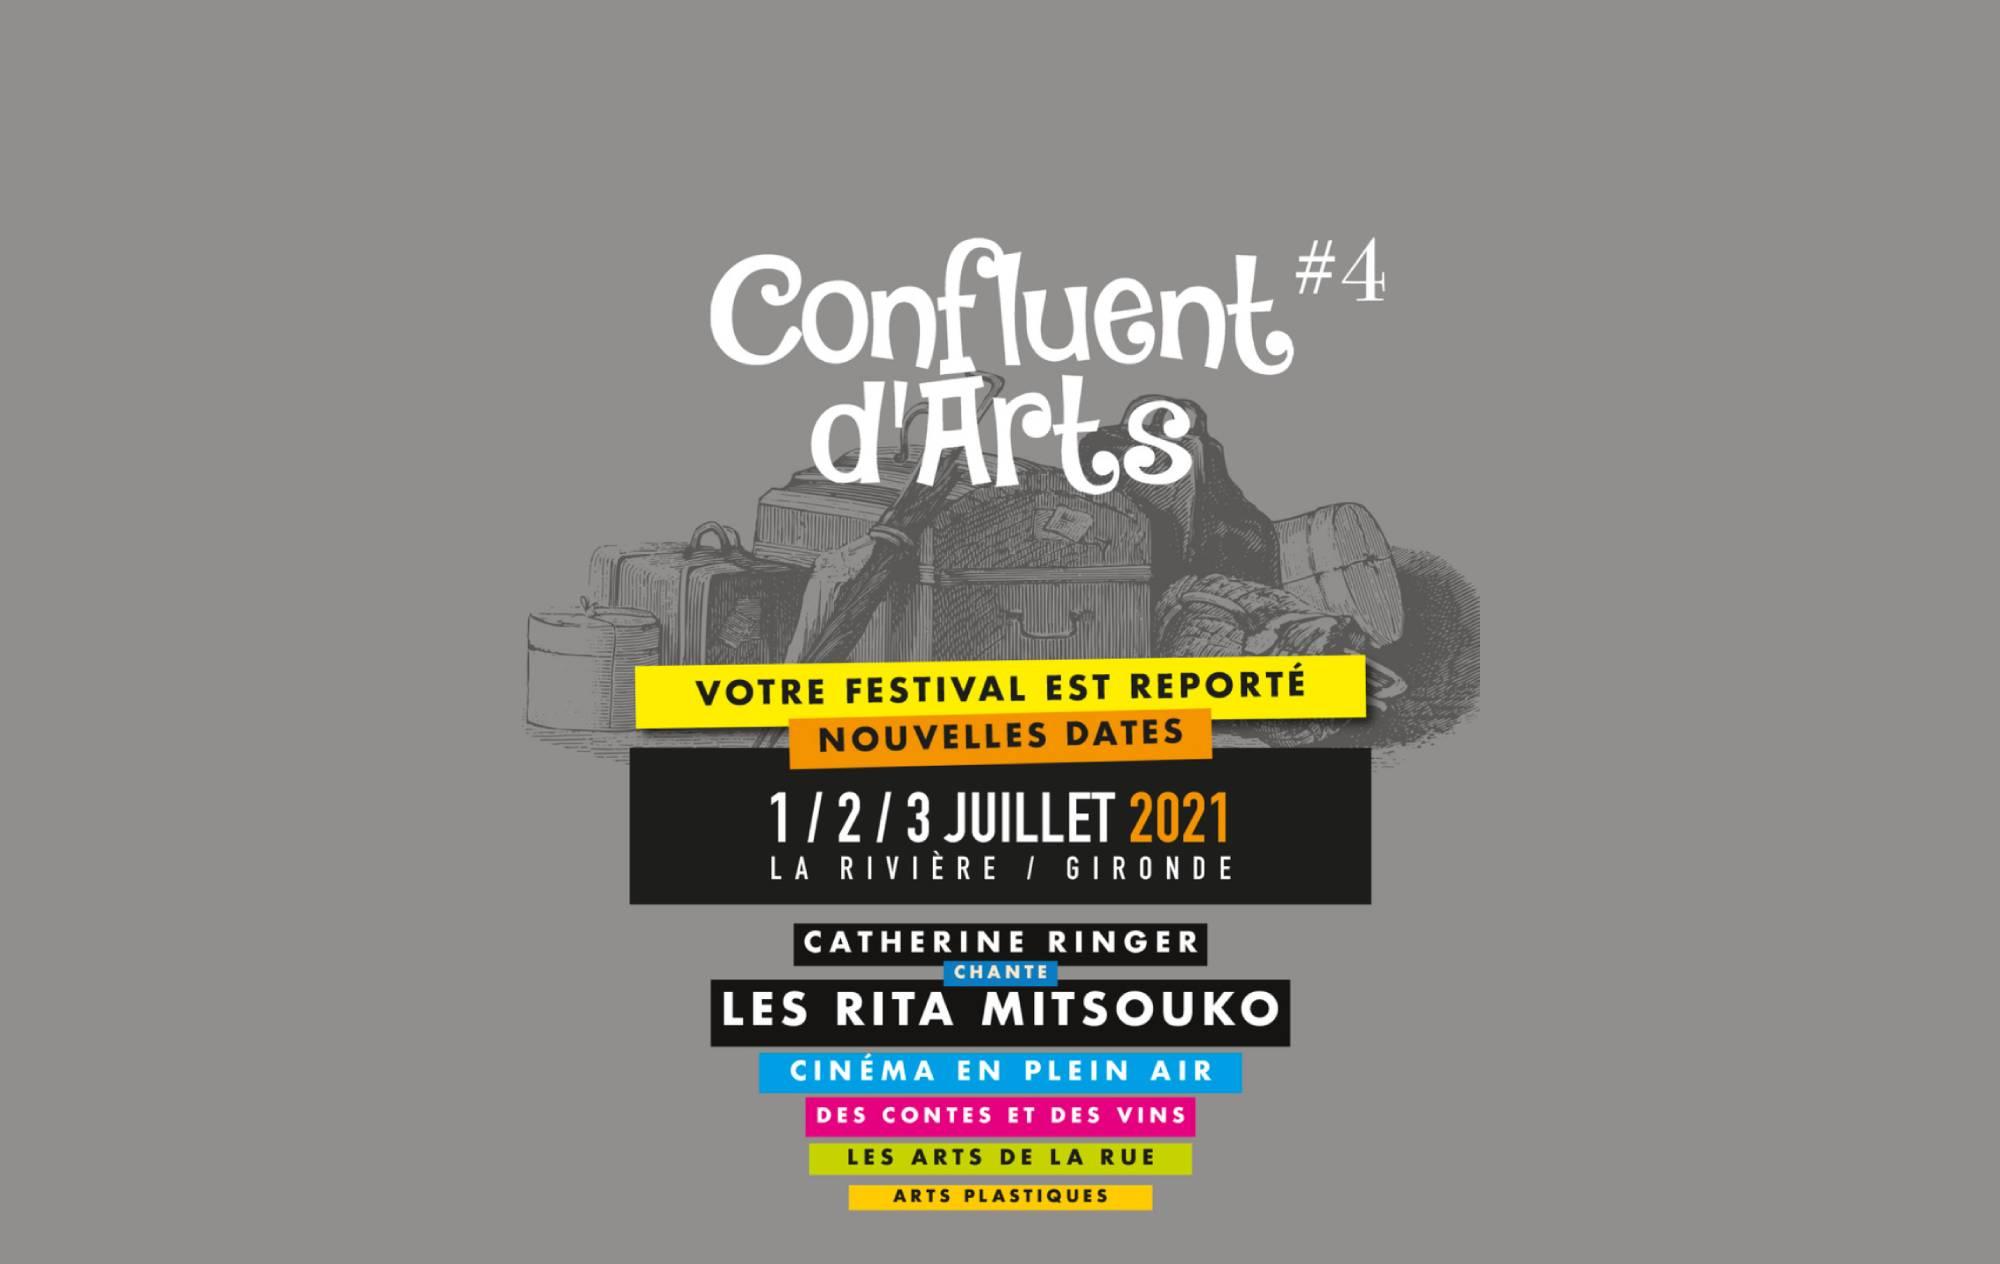 ♪♬ Confluent d'Arts 2021 – 4ème édition ♬♩